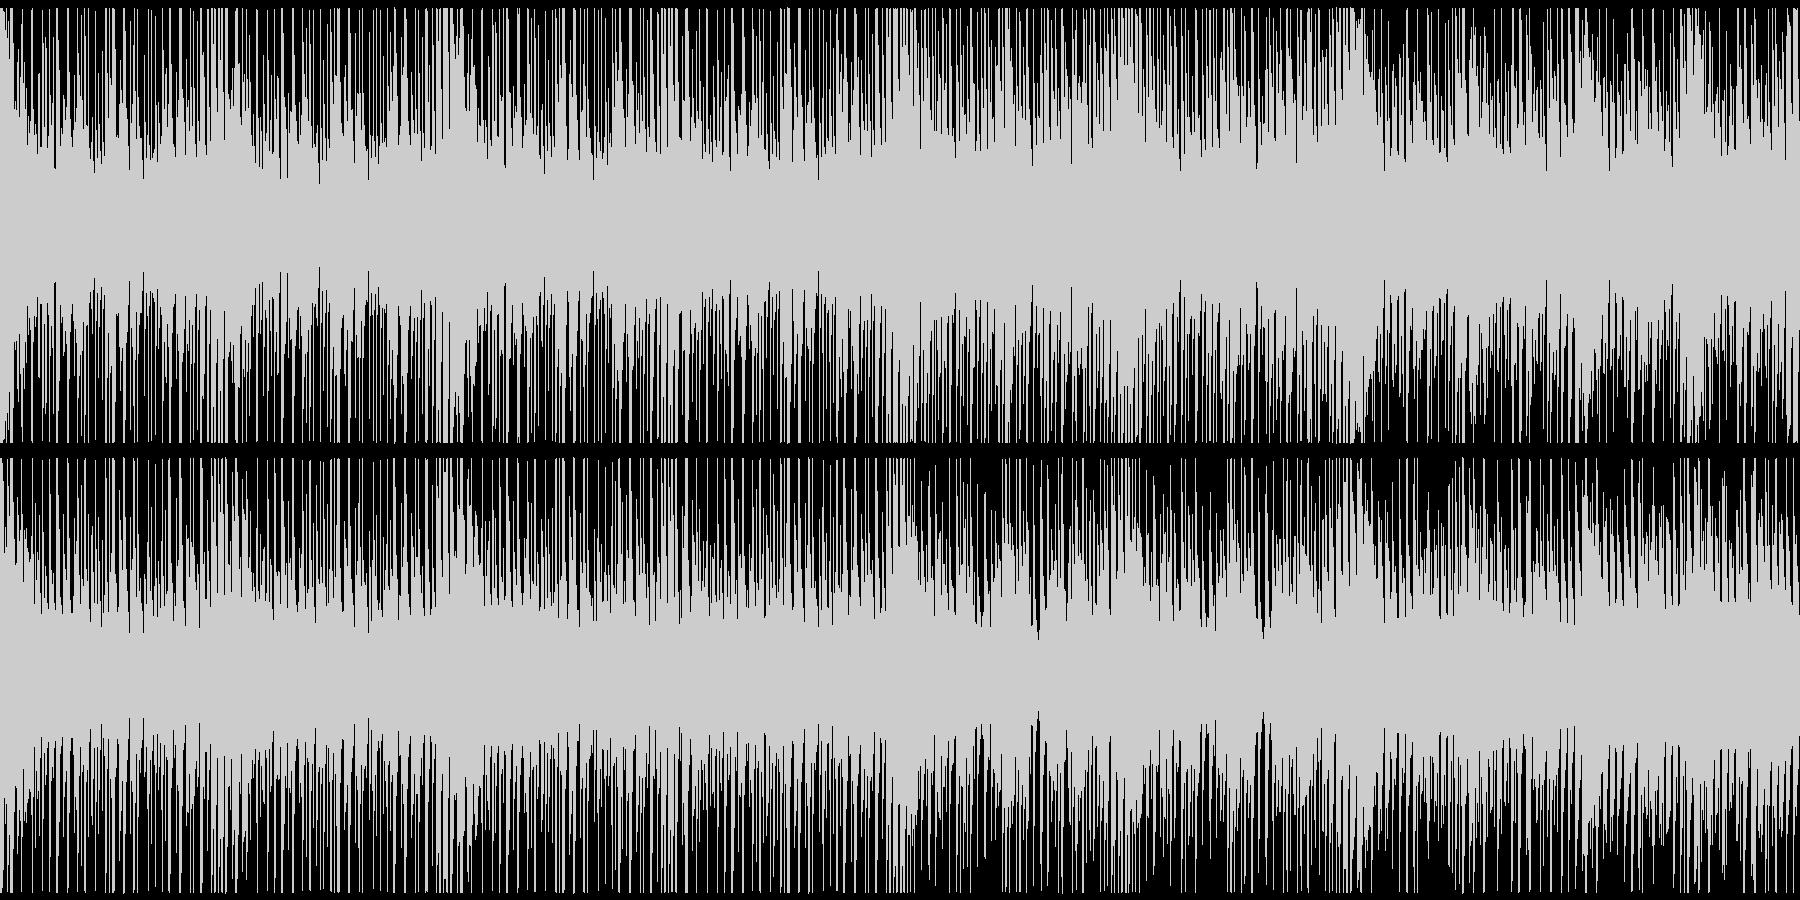 和太鼓ビート 三味線 殺陣 立廻りの未再生の波形